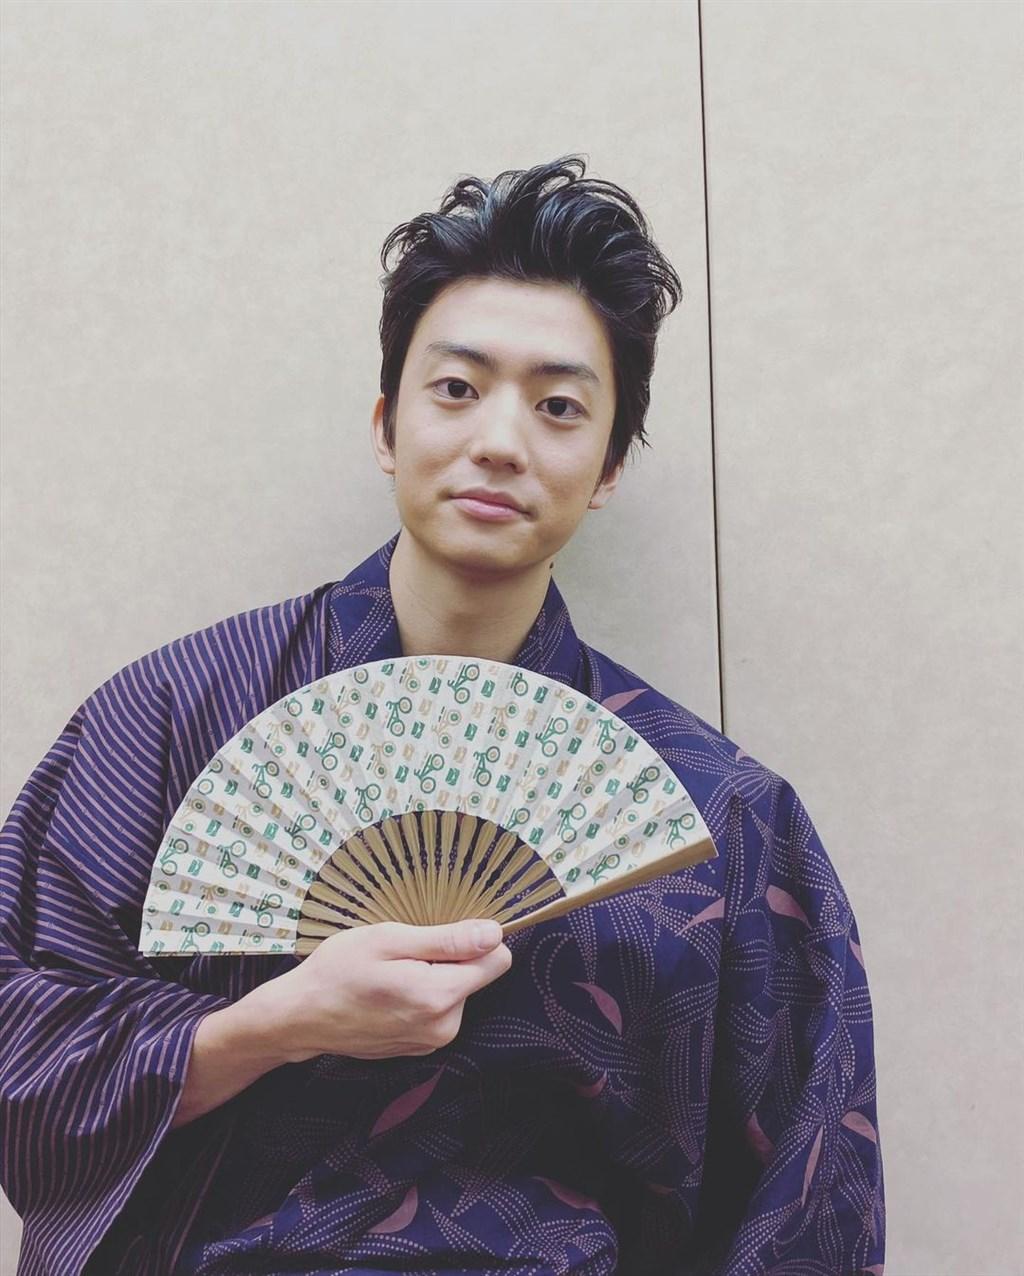 23歲的日本男演員伊藤健太郎28日開車與機車發生車禍,導致2人受傷。伊藤健太郎因涉嫌肇事逃逸遭逮捕。(圖取自instagram.com/kentaro_official)